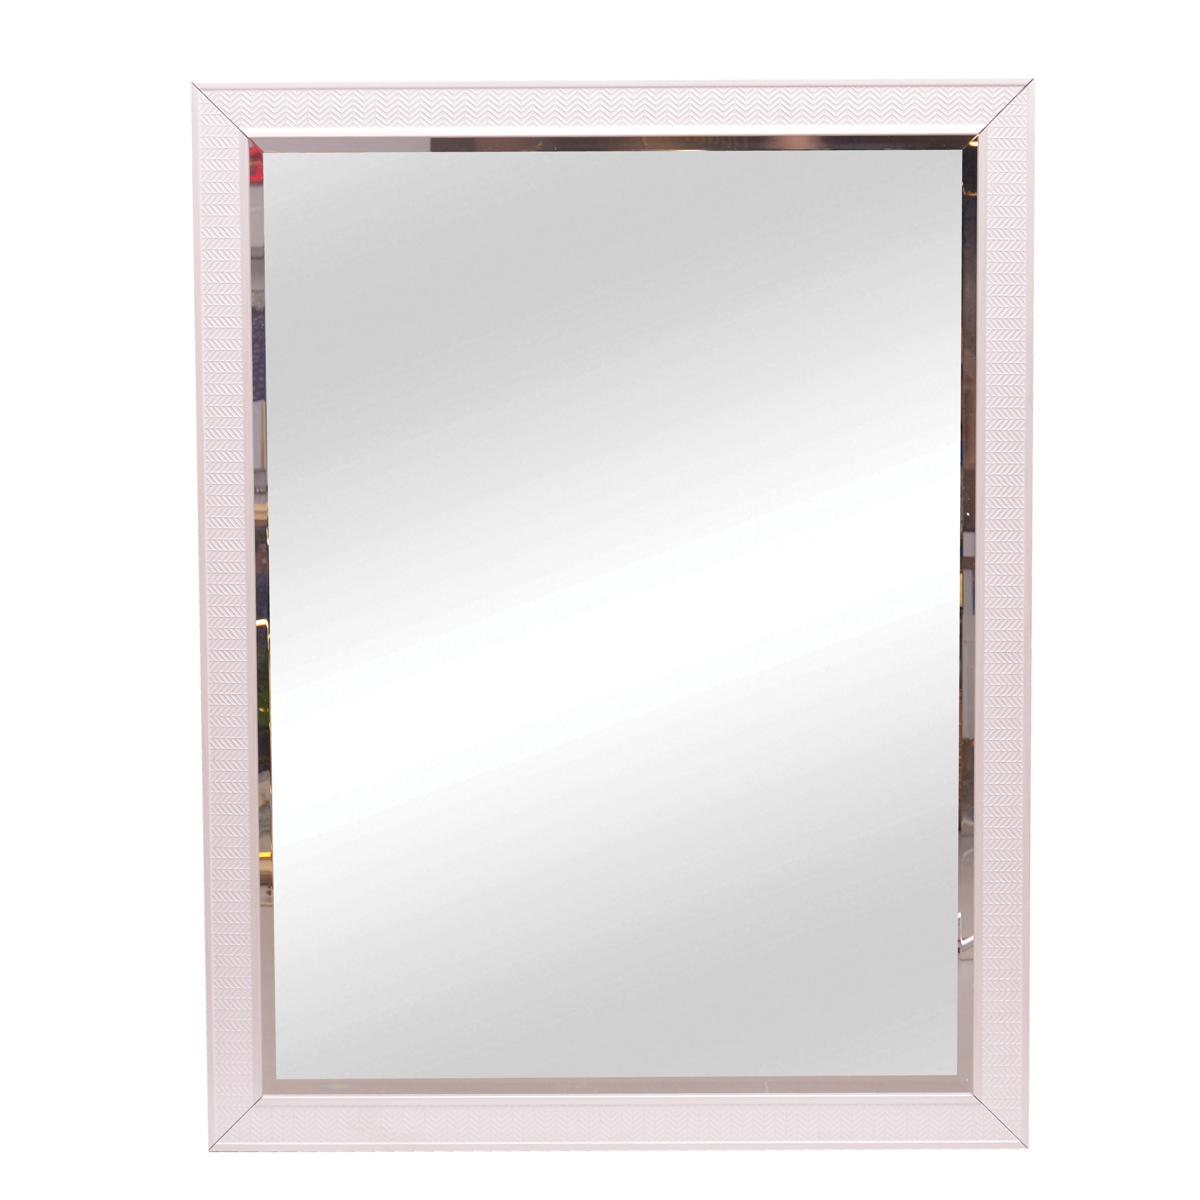 Espejo marco white tribal 90 X 120 cm